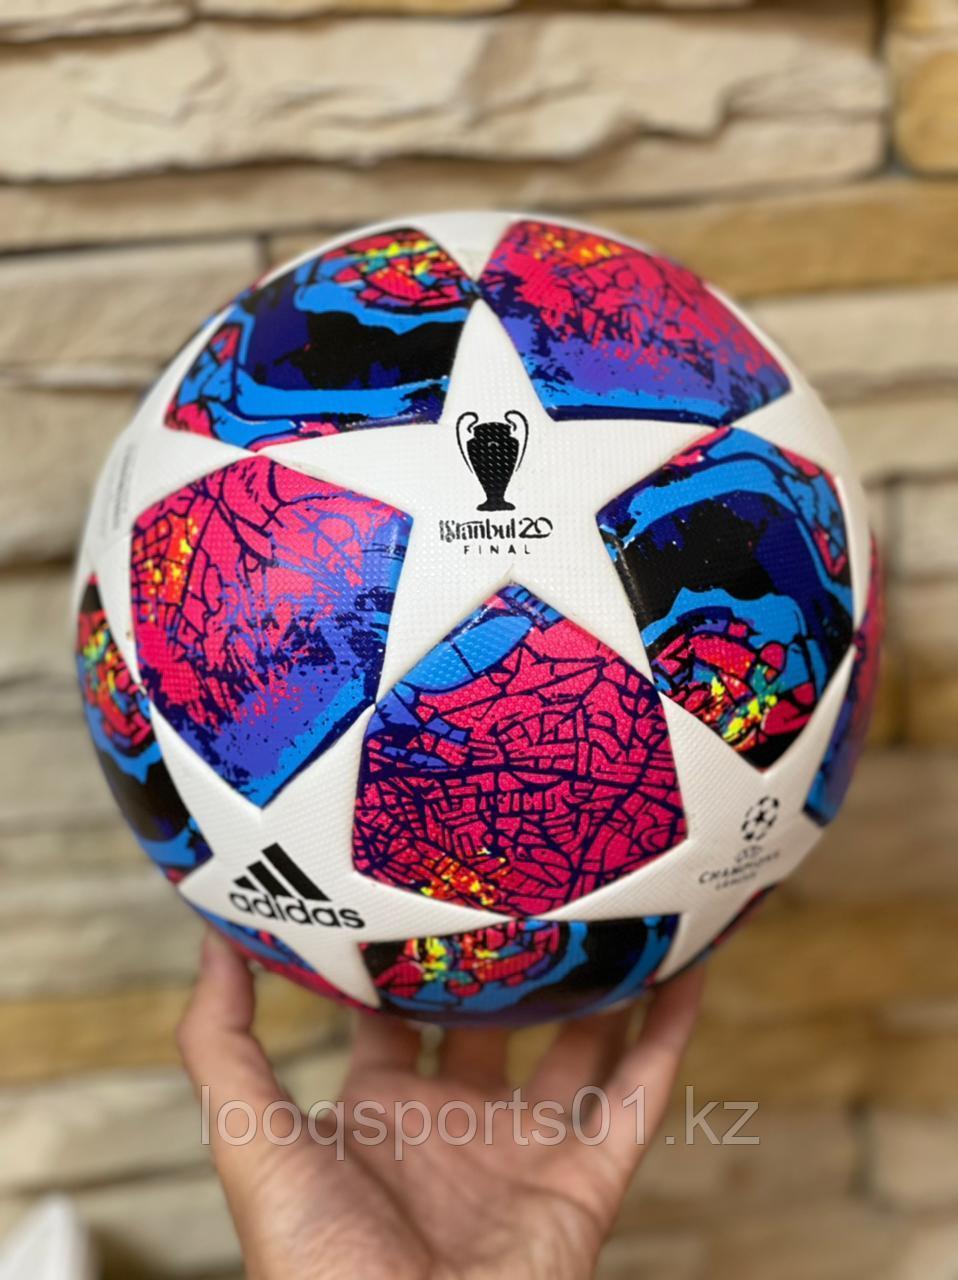 Футбольный мяч Adidas Champions League Istambul размер 5